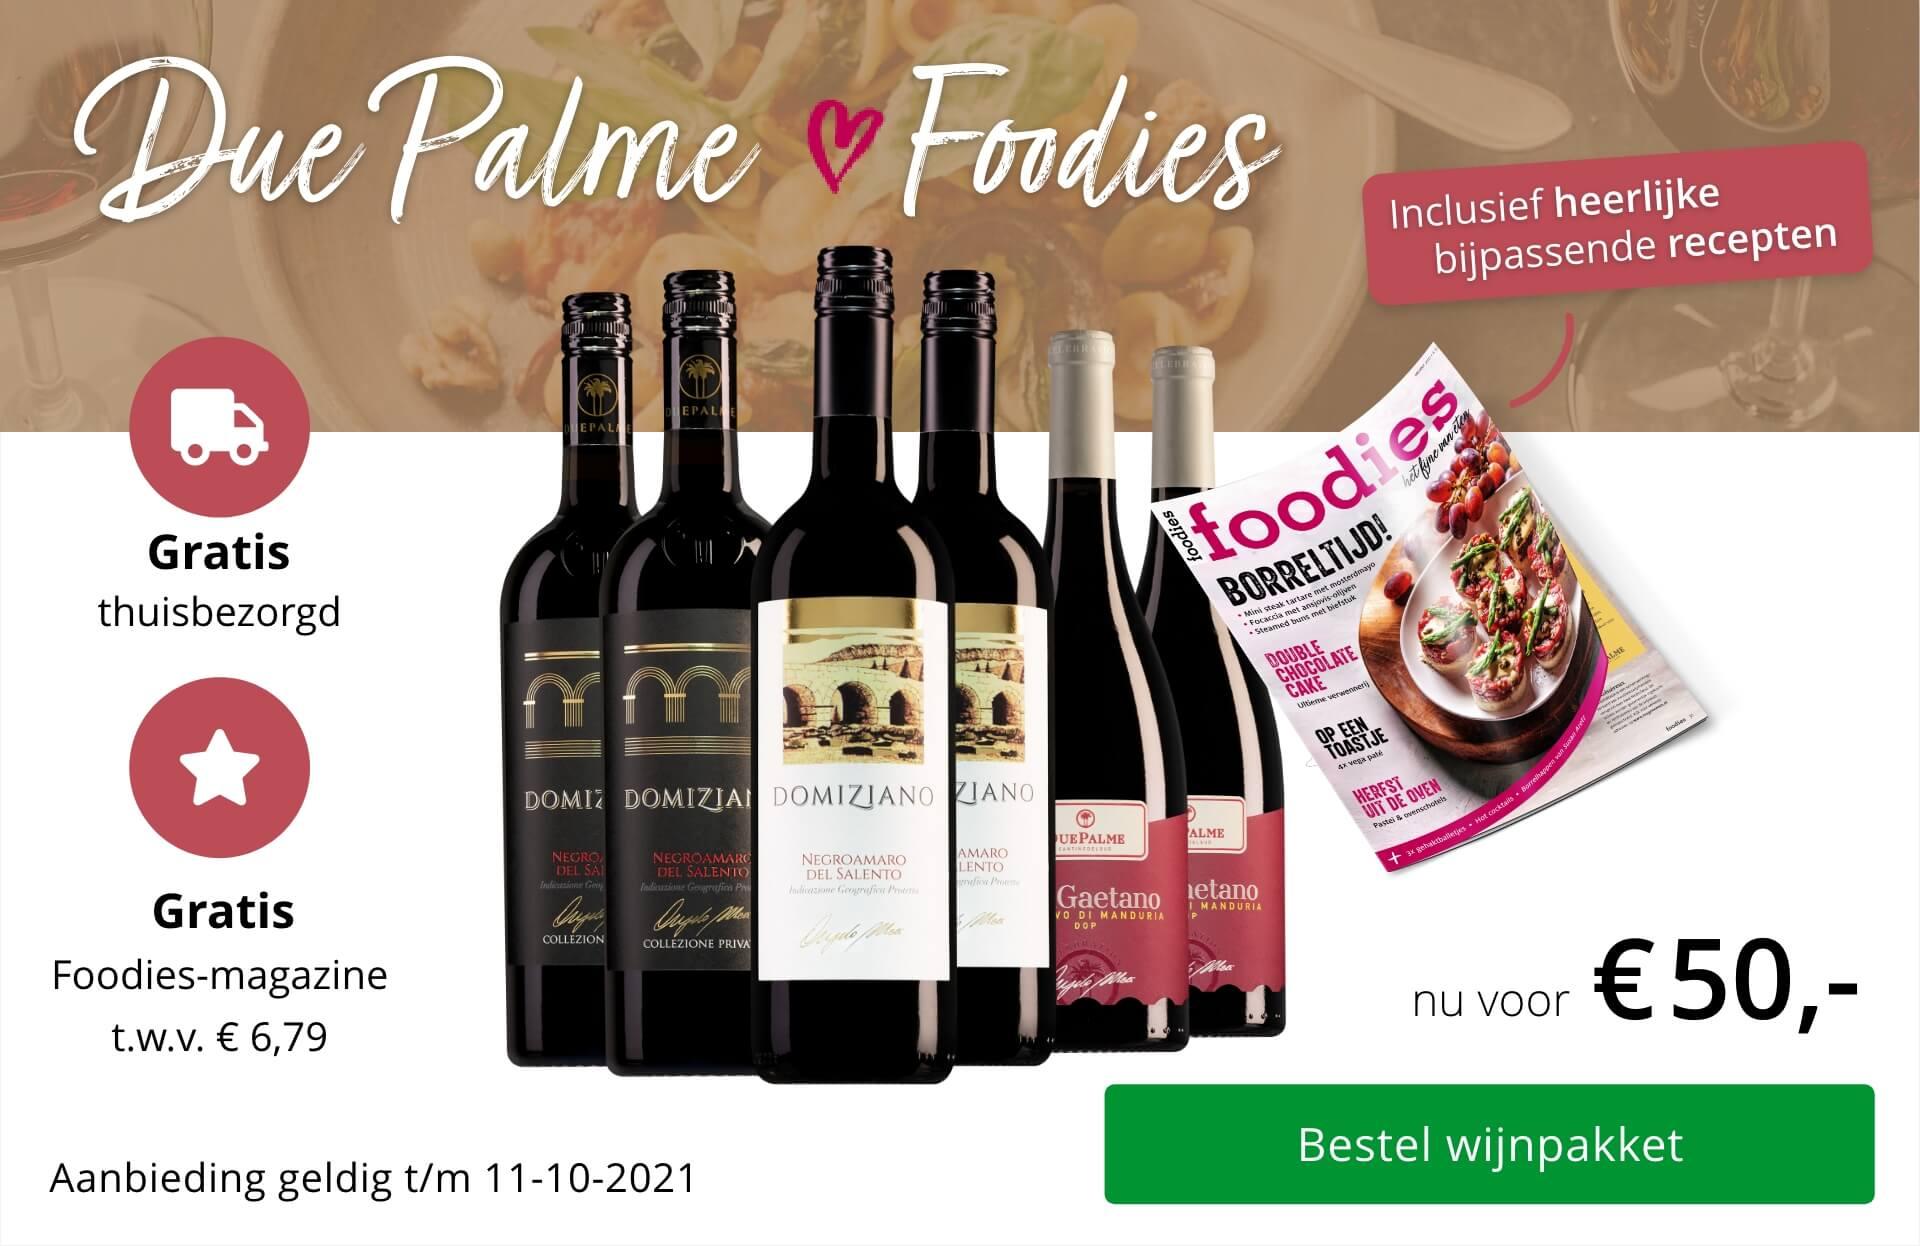 Wijnpakket Due Palme Foodies sept 2021